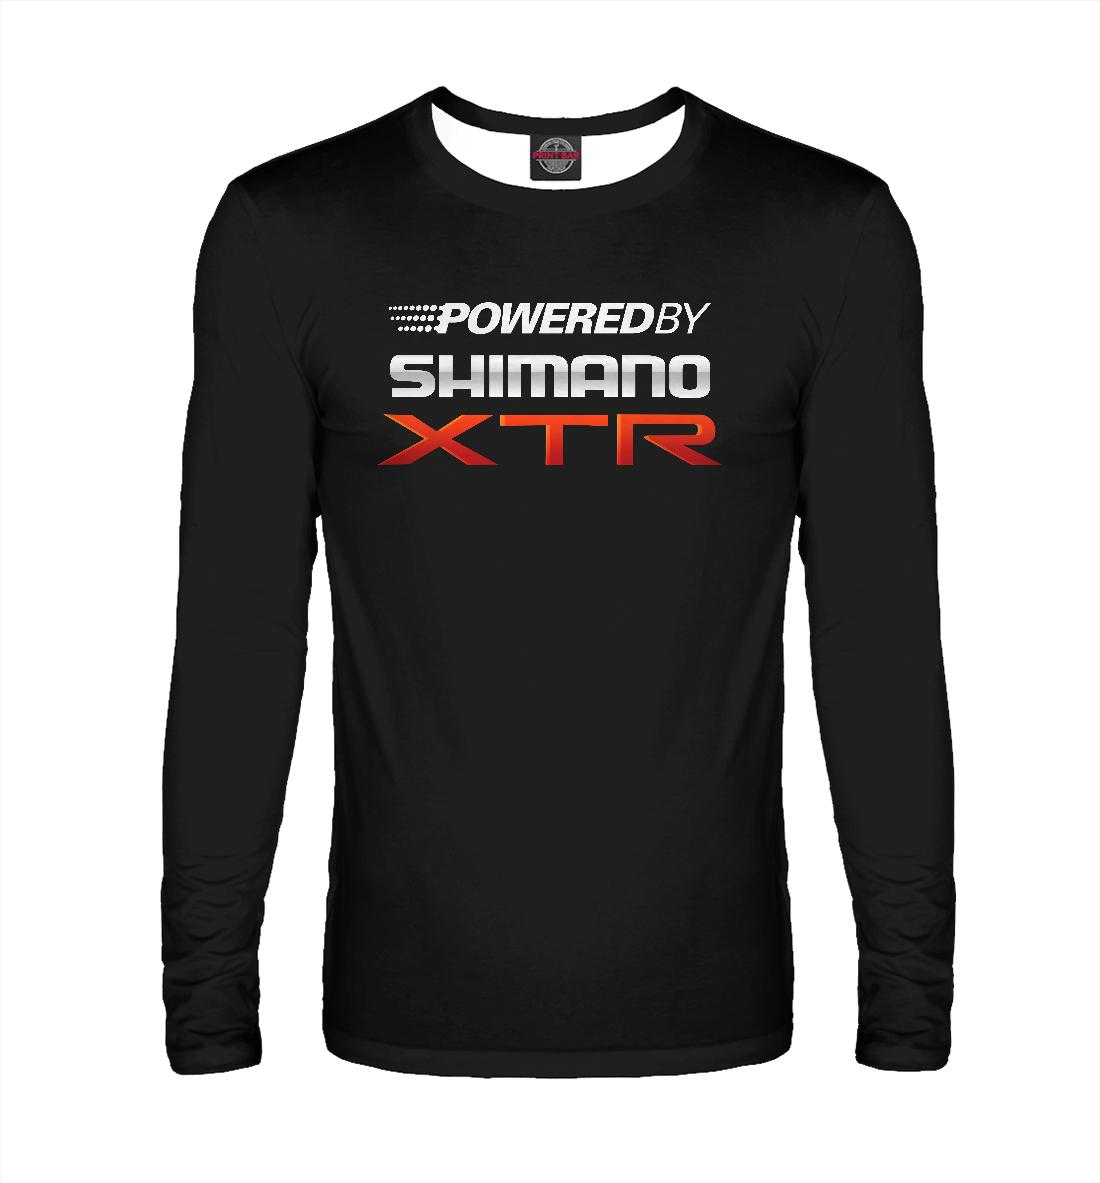 Shimano XTR феллер е потайная дверь